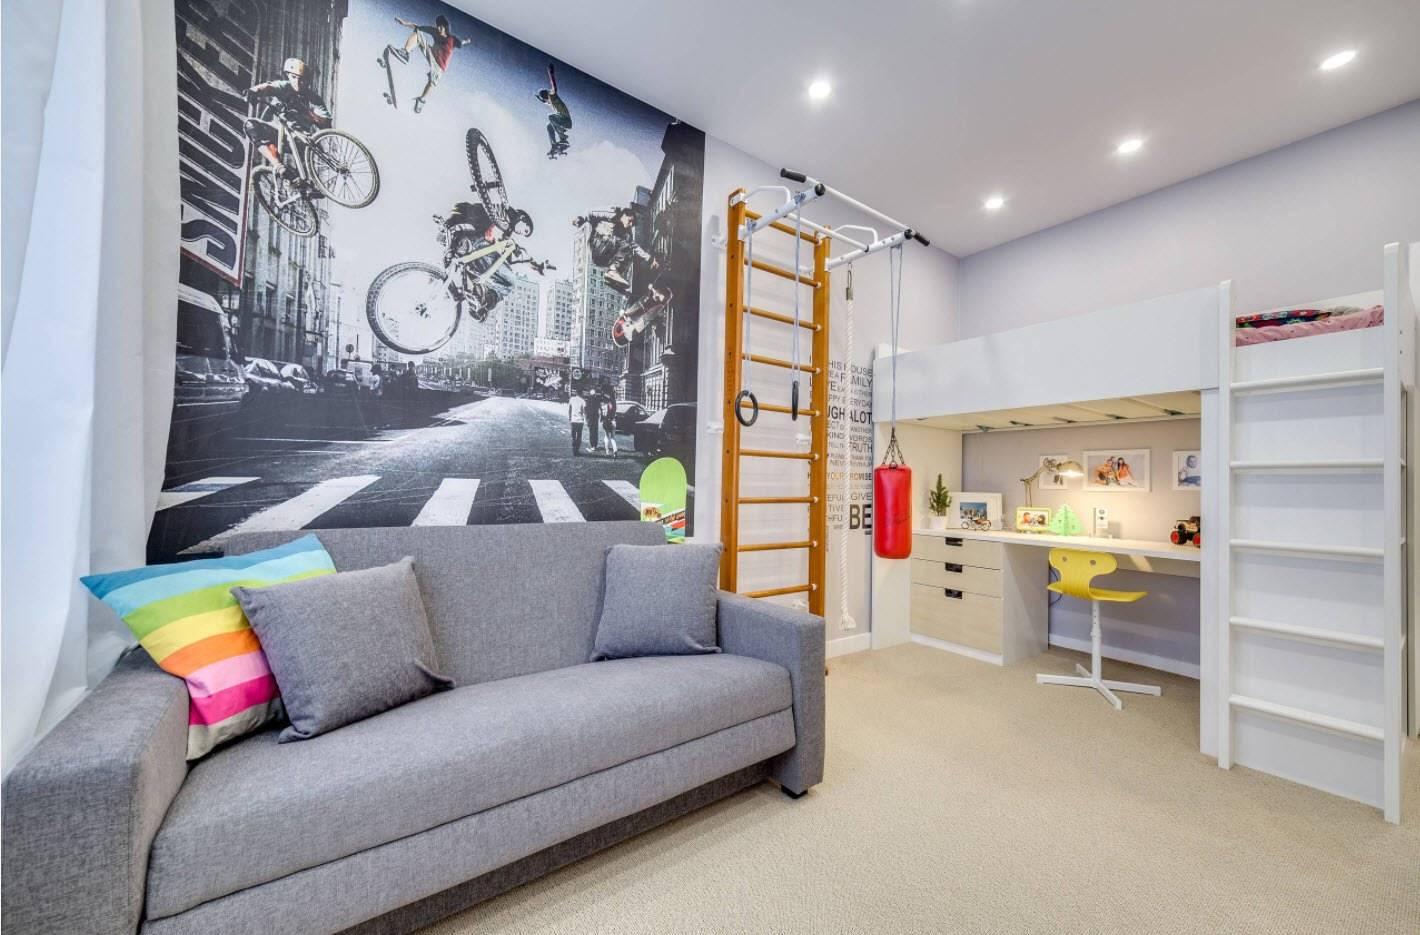 Как обустроить комнату для подростка: мнение эксперта